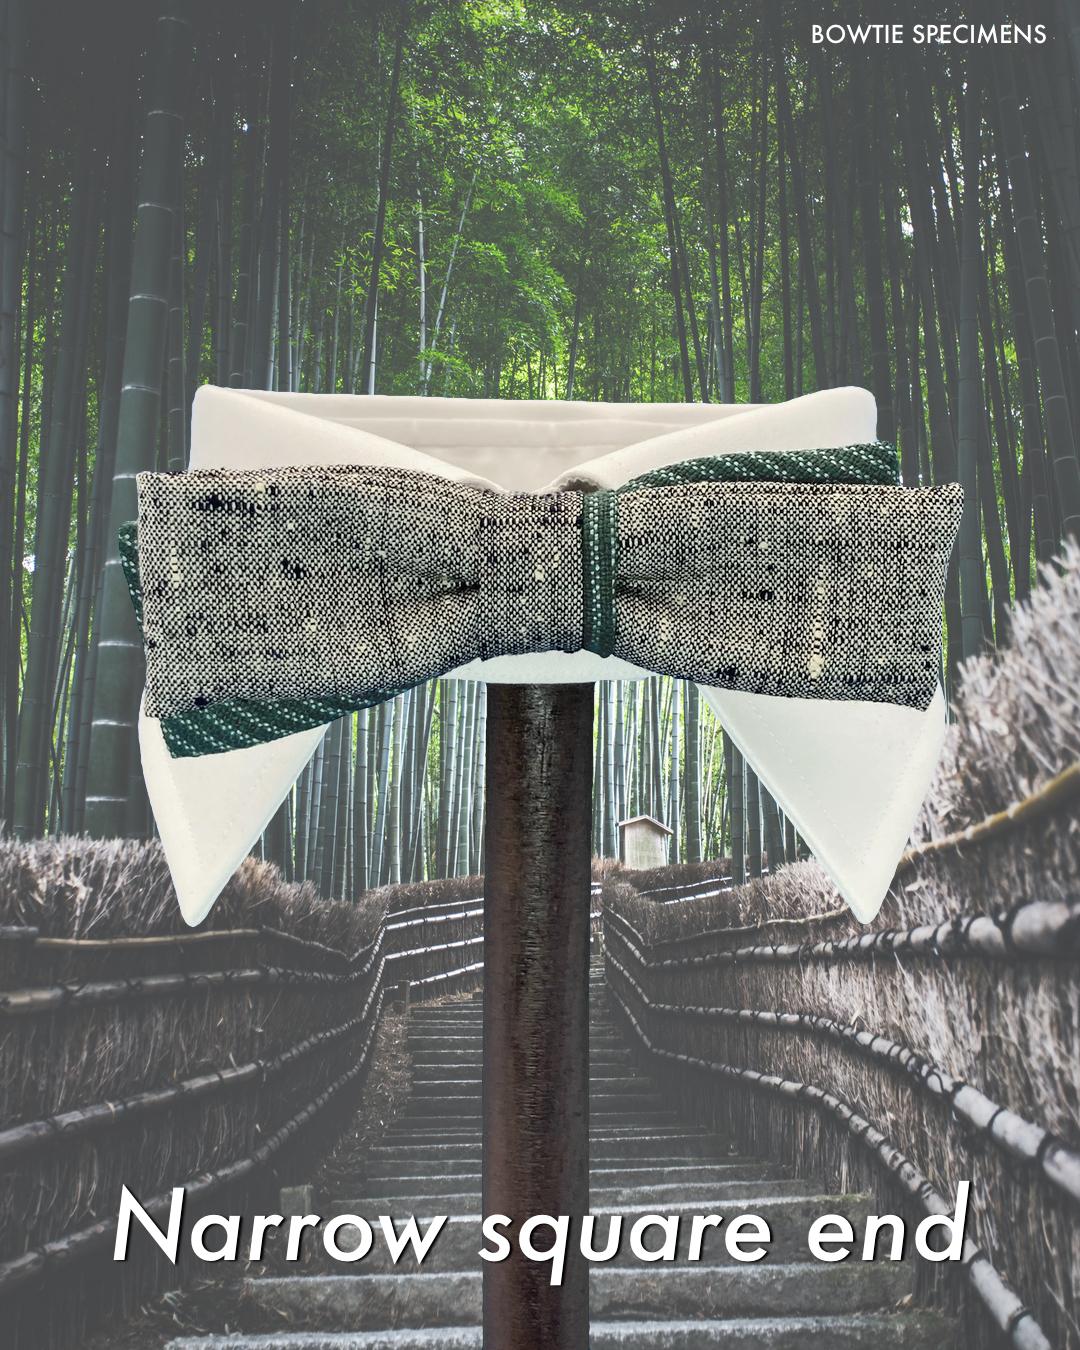 ナロー・スクエアエンド (グレー紬&グリーンストライプ) 作り結び型〈蝶ネクタイ 柄 和柄 シルク 絹〉